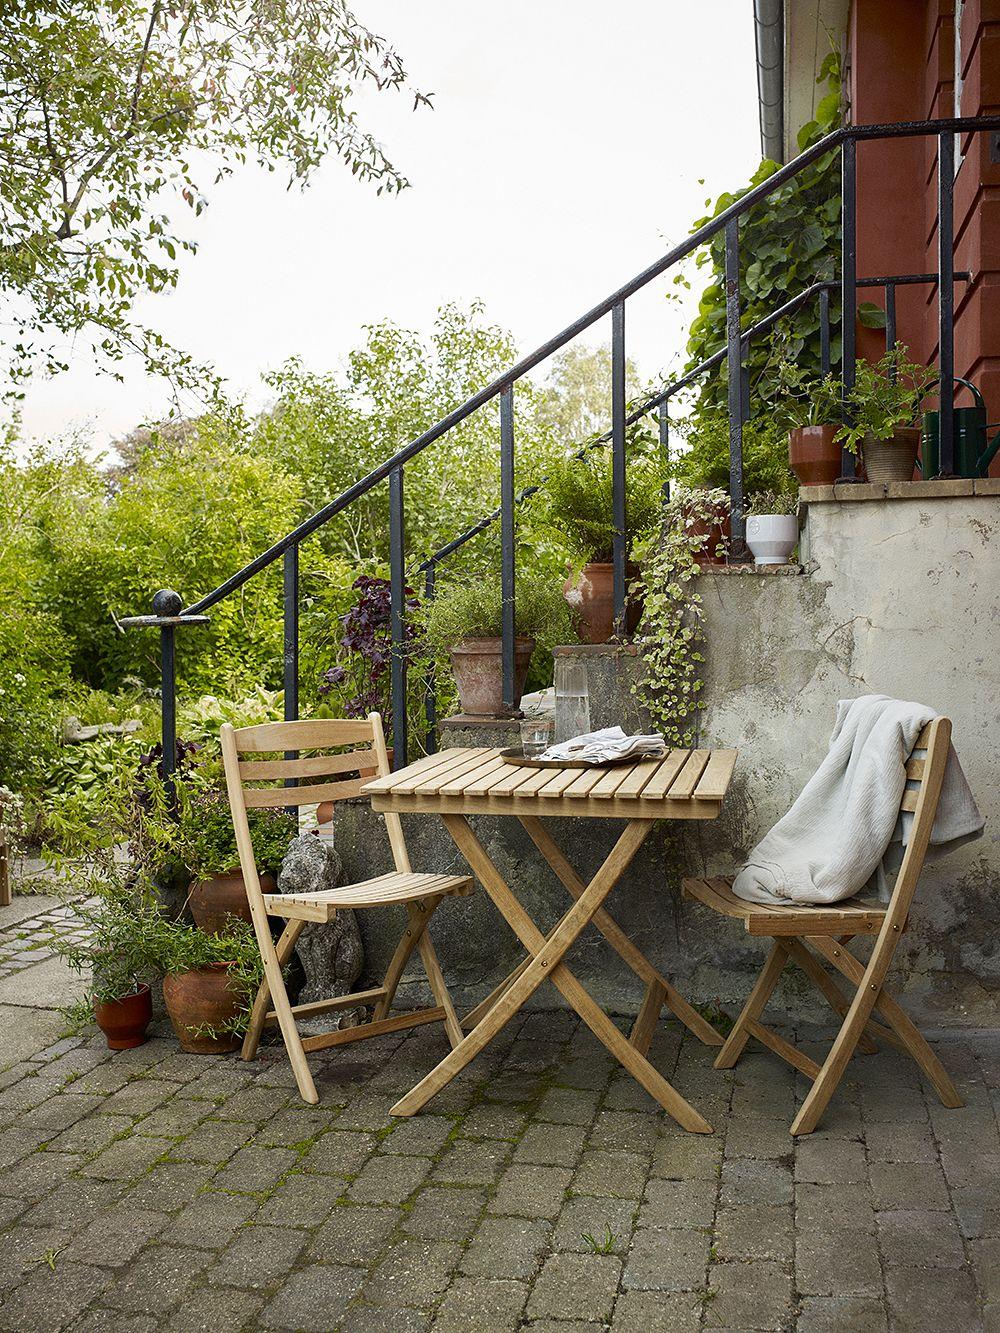 Skagerakin Selandia-sarjan tuolit ja pöytä puutarhassa.